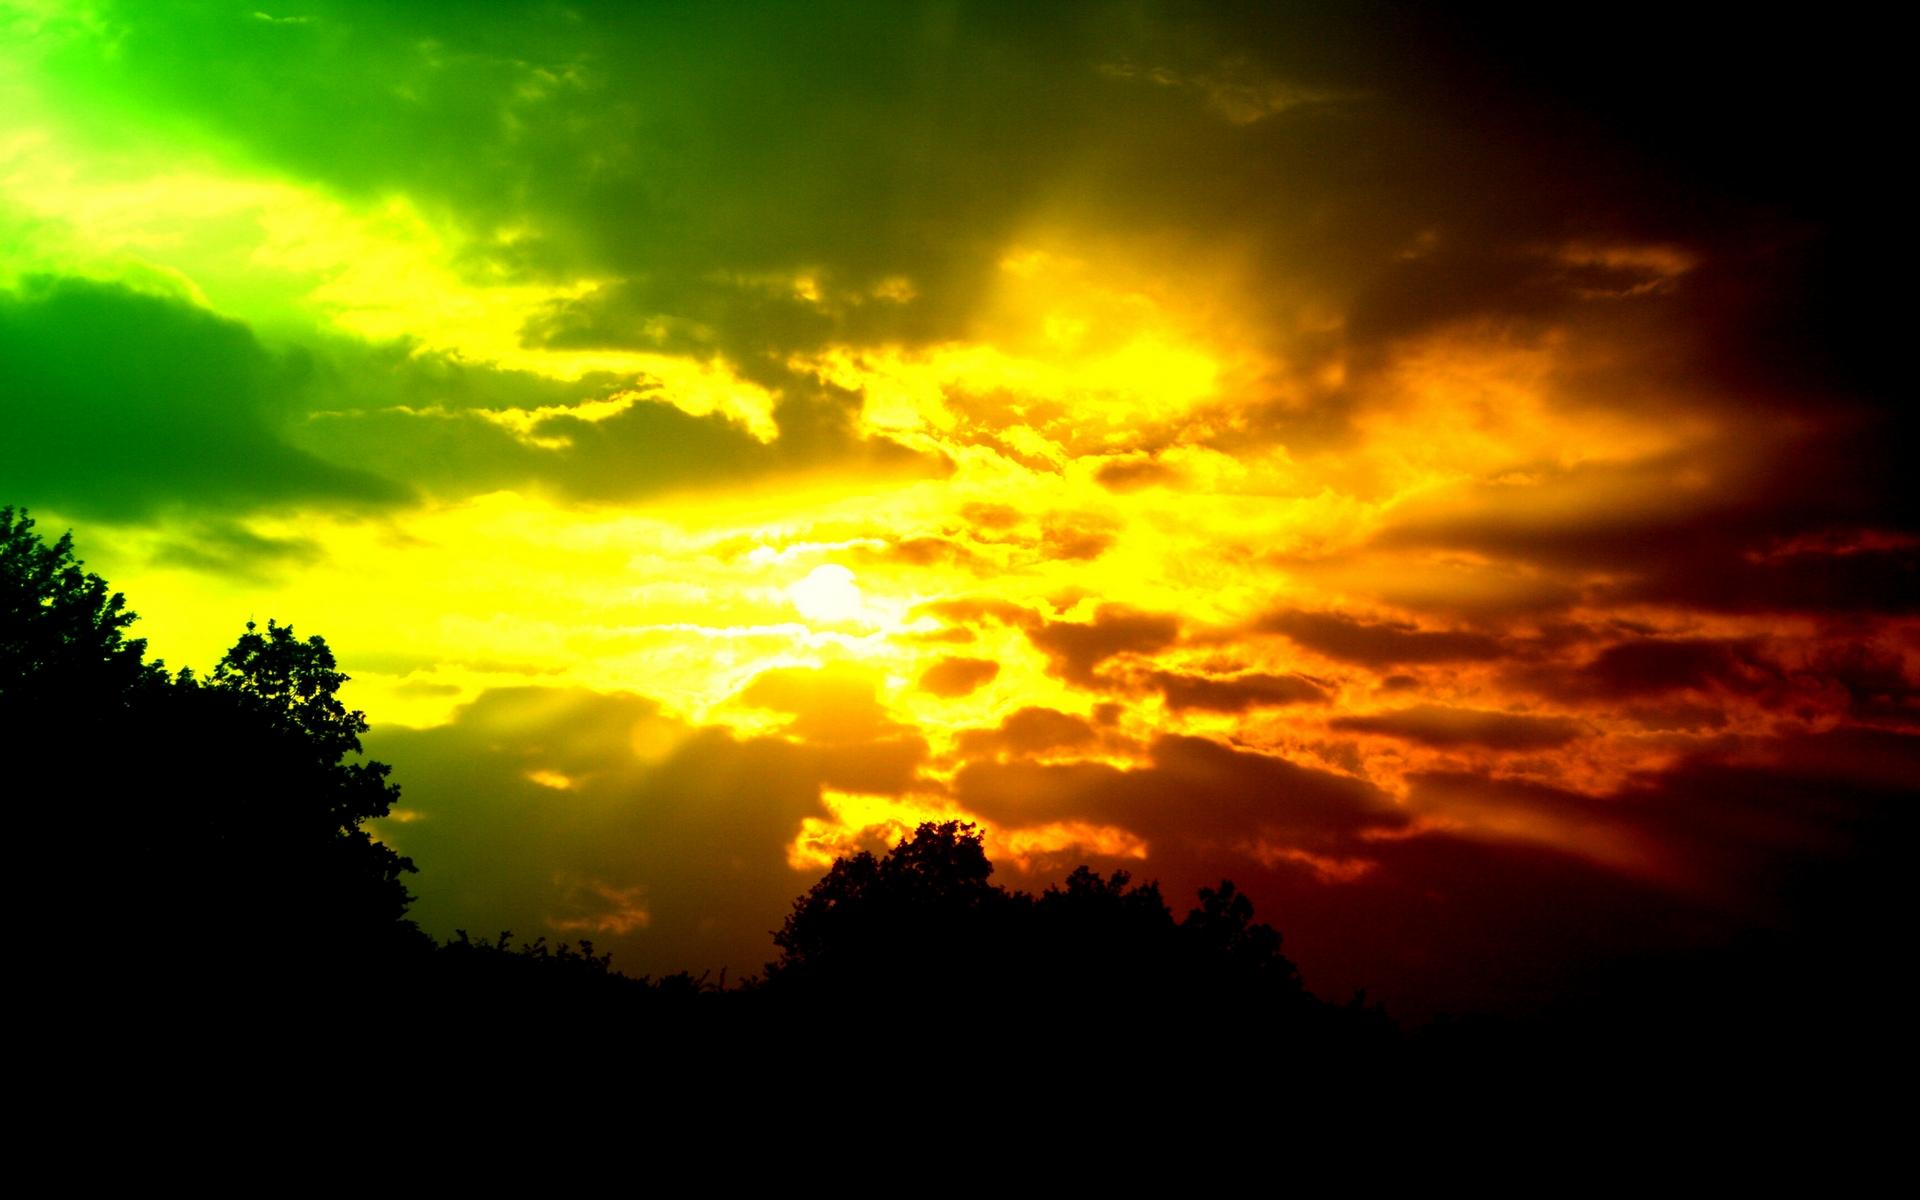 Fond d'ecran Ciel coloré